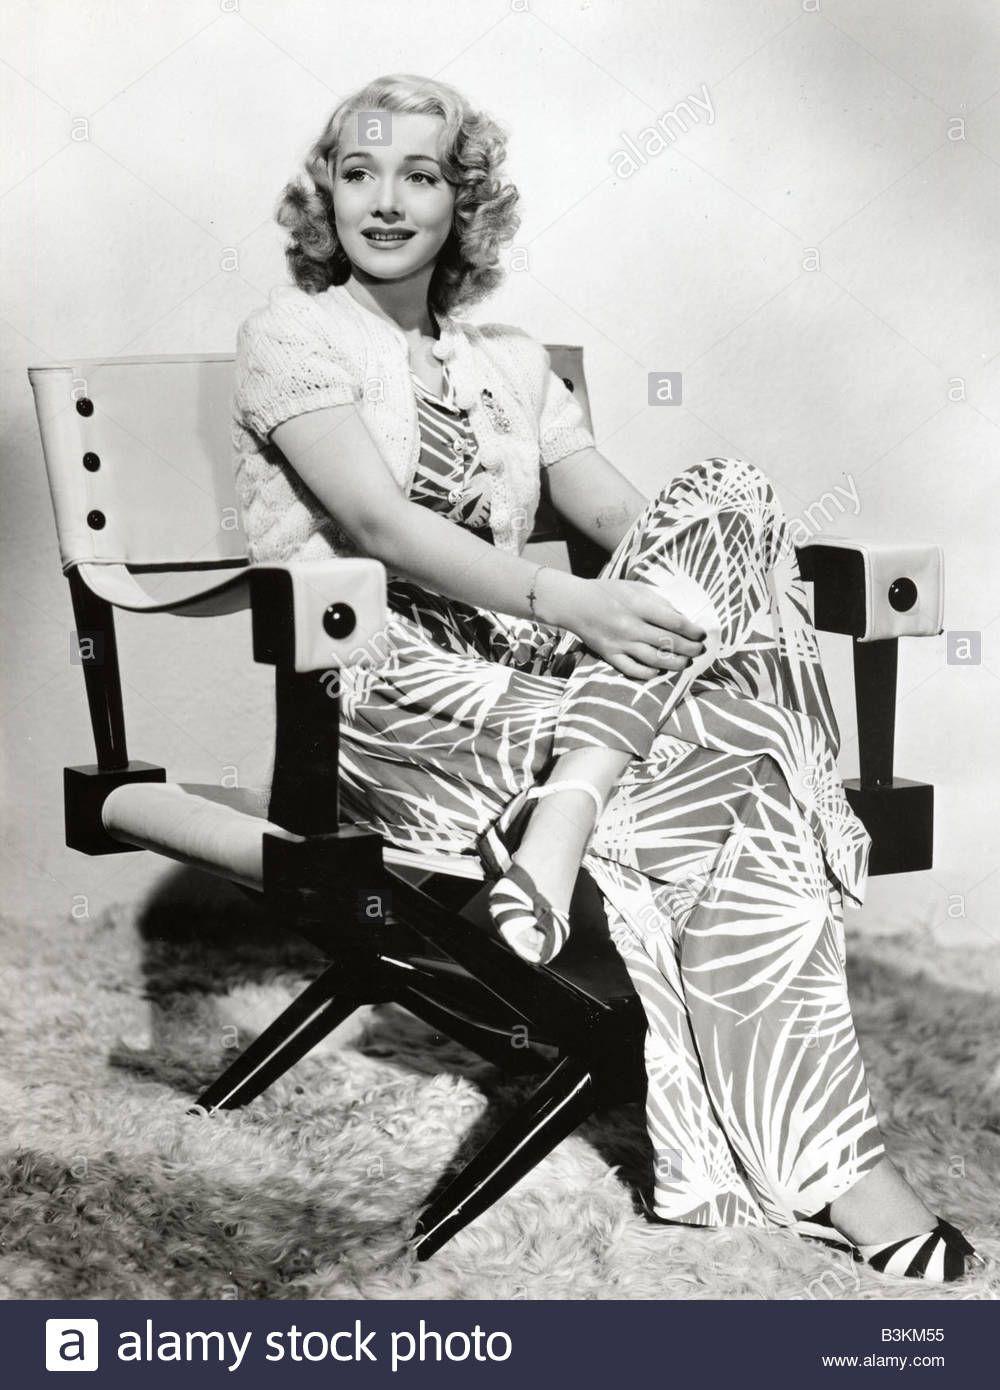 Download this stock image CAROLE LANDIS US film actress